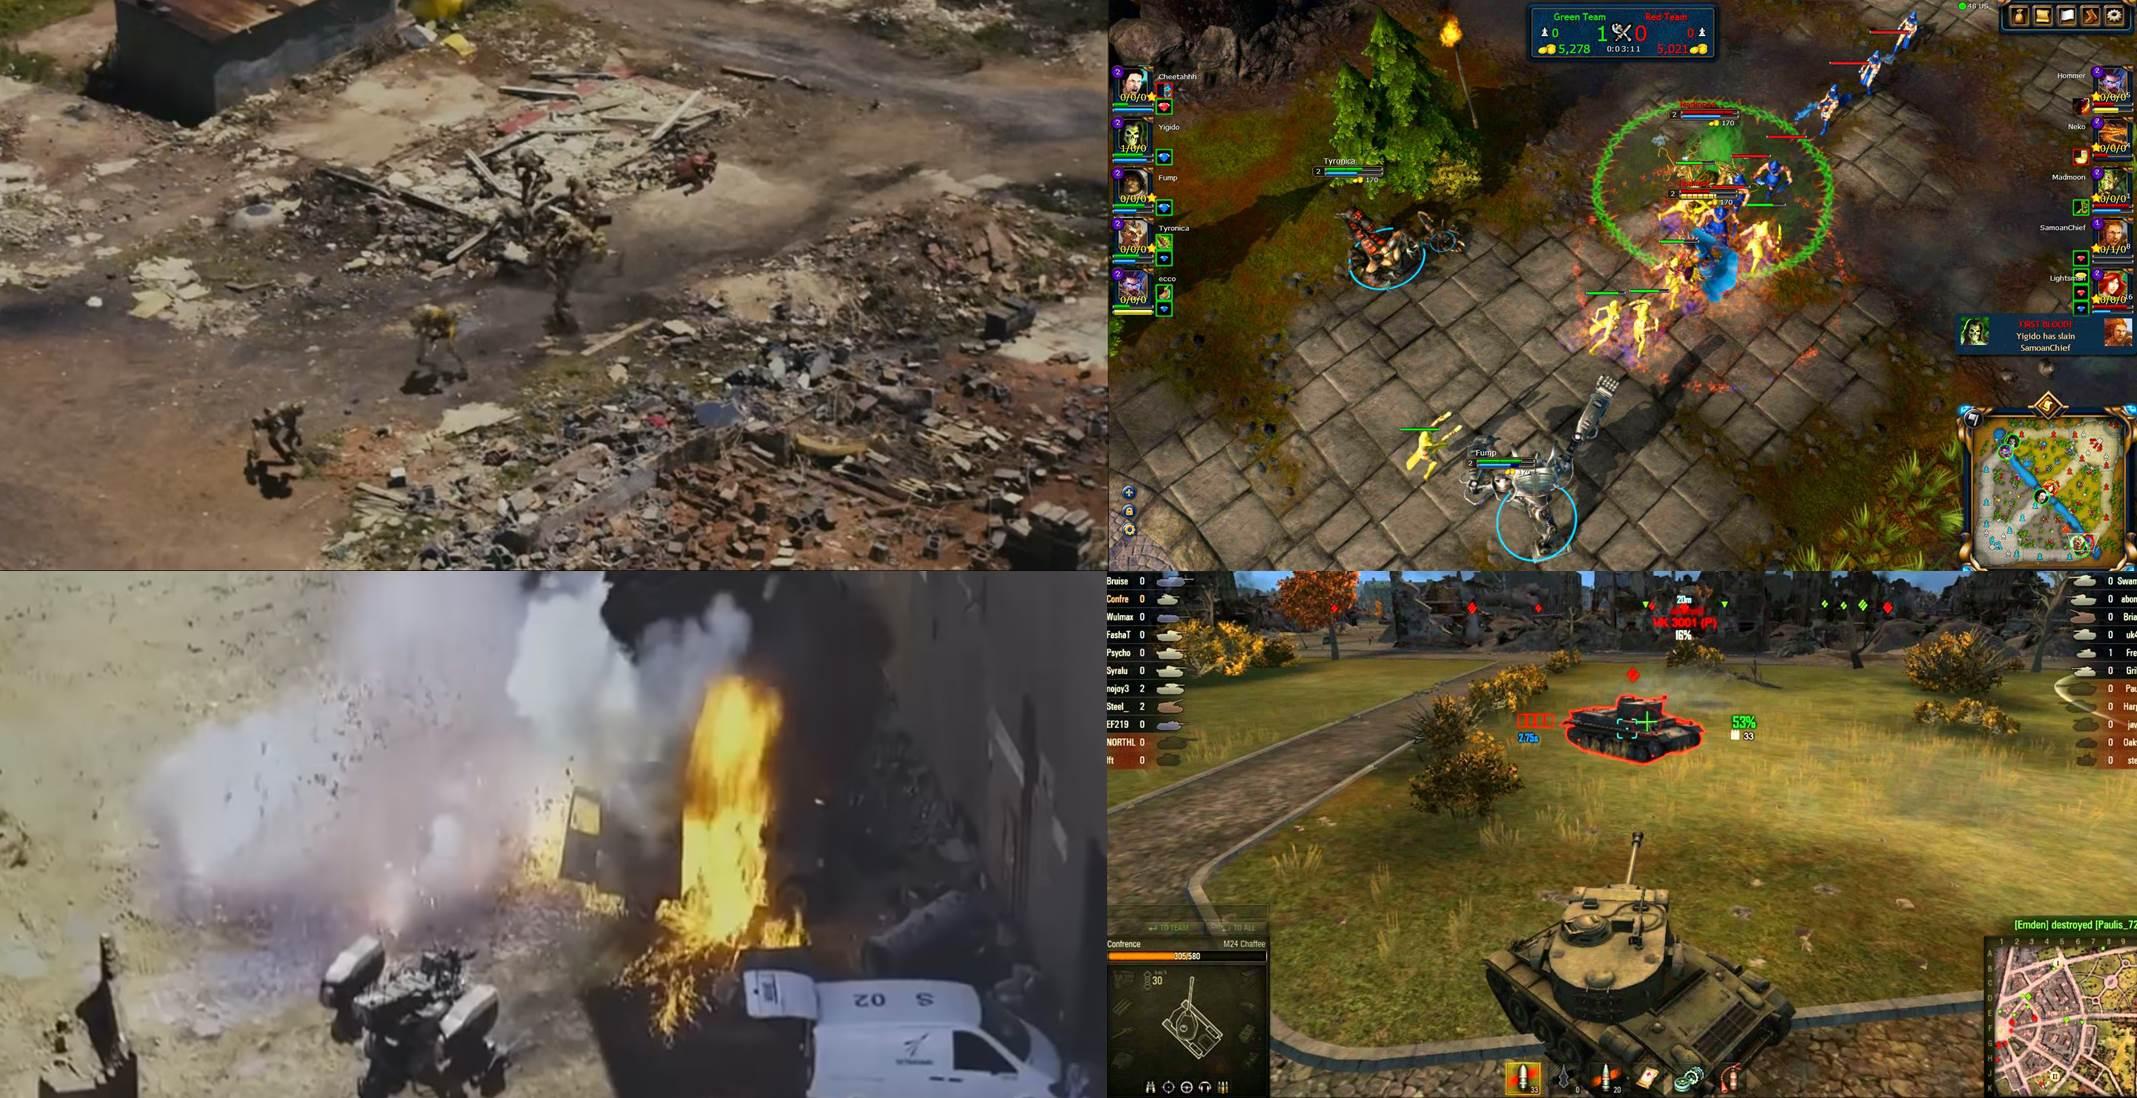 Левый верхний угол – «Район № 9». Правый верхний угол – «World of Warcraft». Левый нижний угол – «Робот по имени Чаппи».